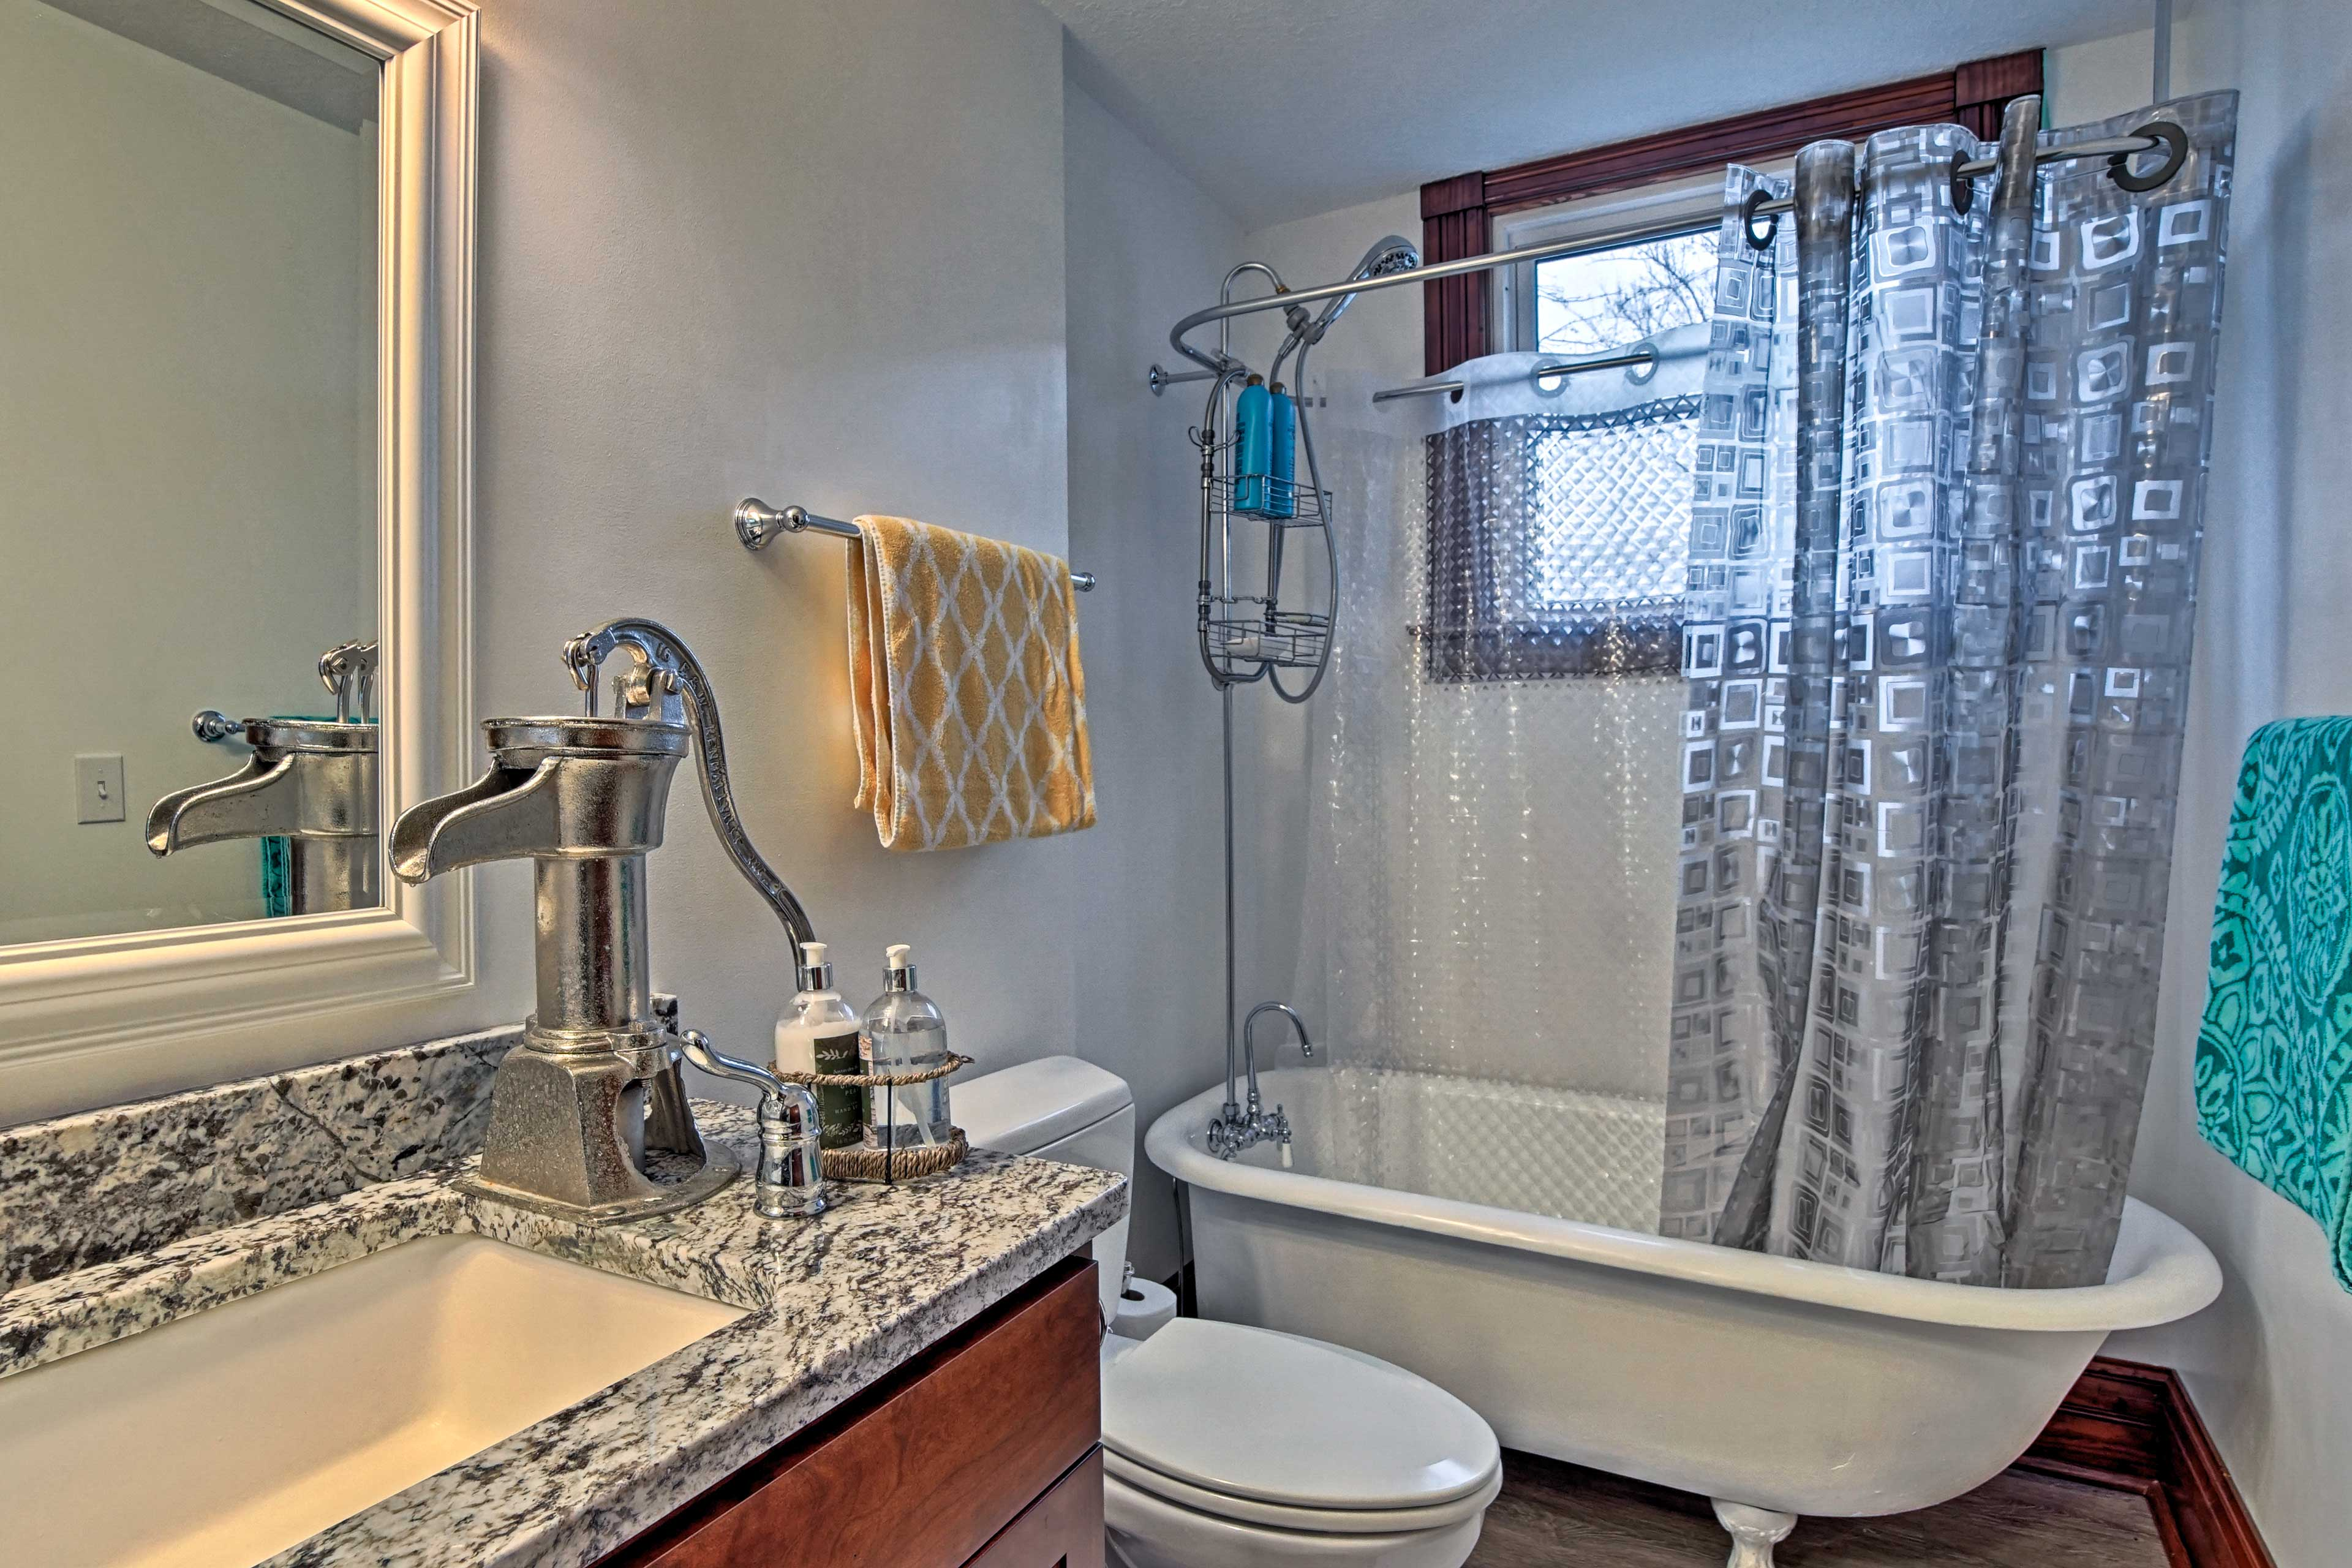 Soak in the claw-foot bathtub newly refurbished!